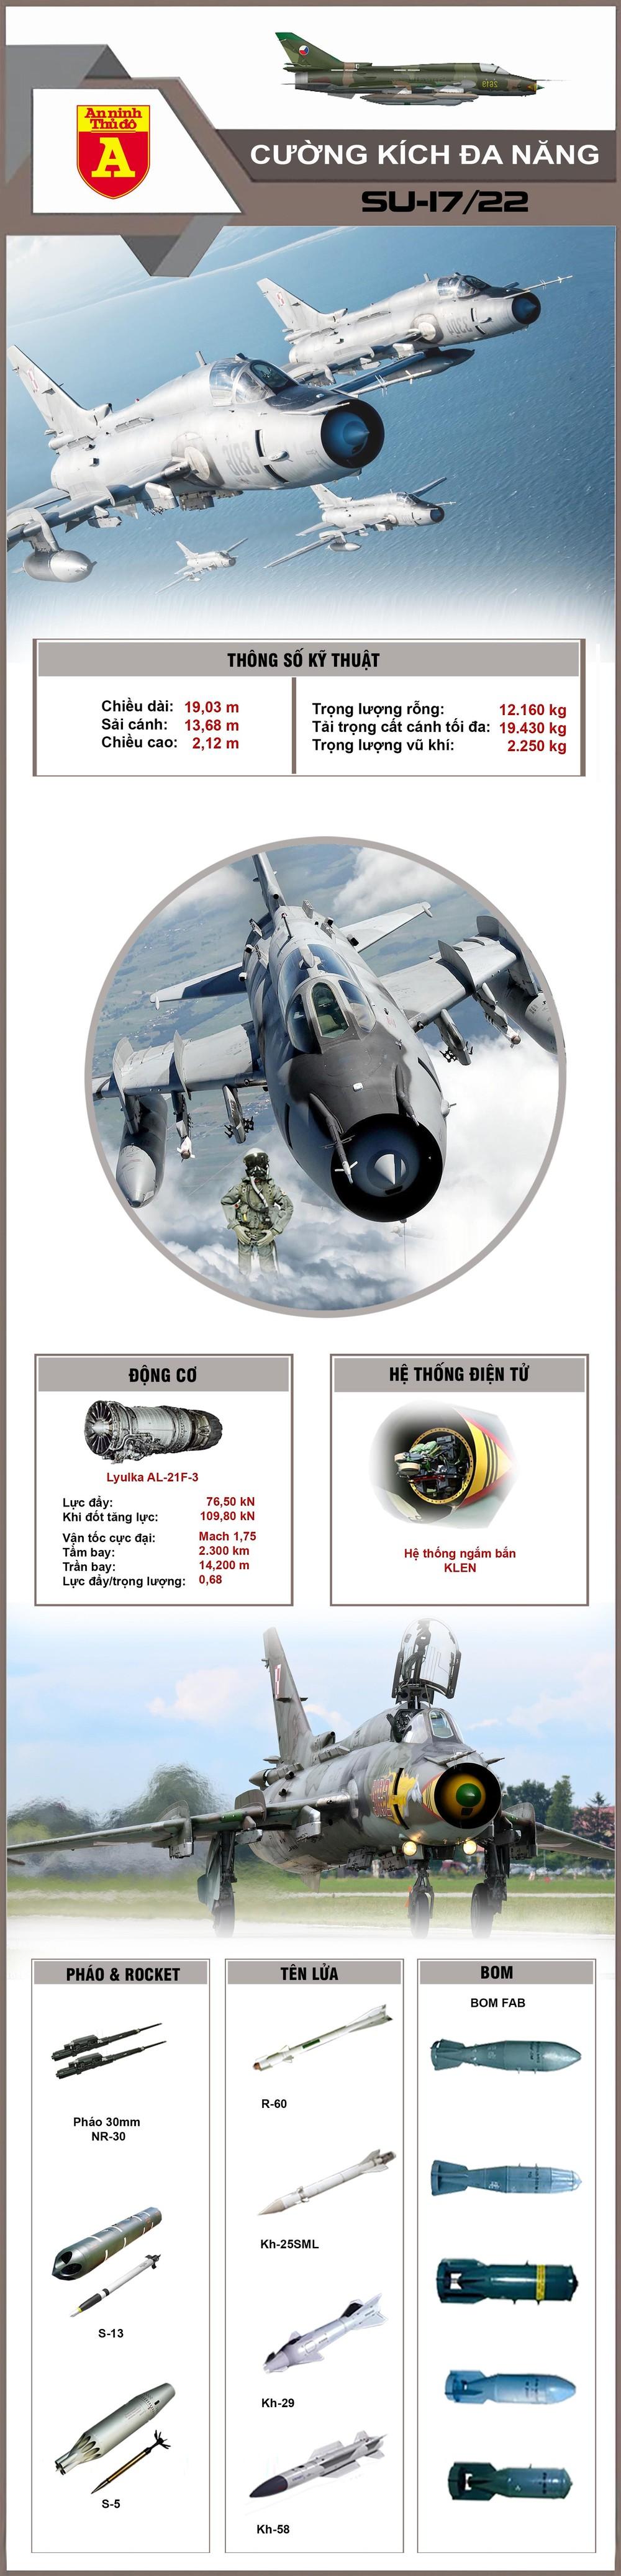 """[Info] """"Đôi cánh ma thuật"""" Su-17/22 chính là chiến đấu cơ một đông cơ cuối cùng của Nga ảnh 3"""